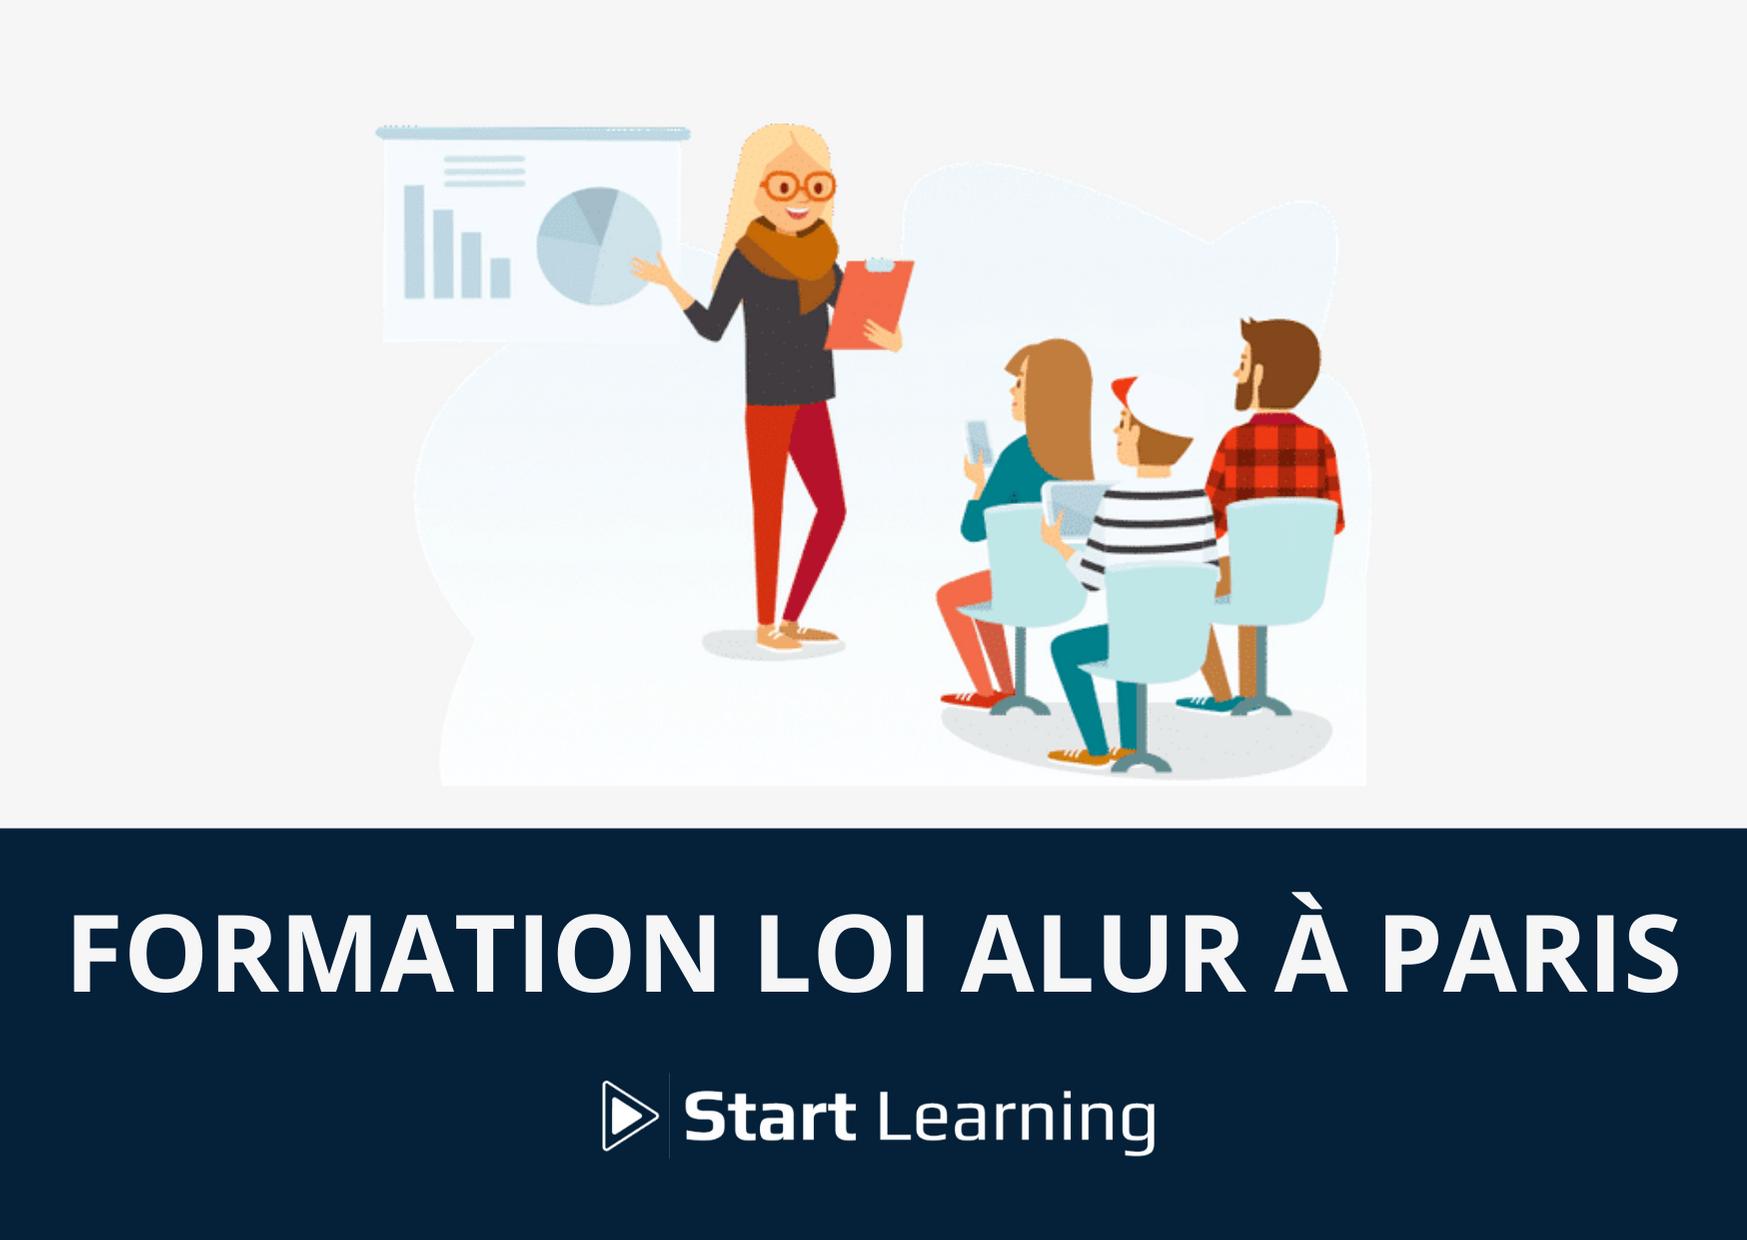 Formation loi Alur Paris